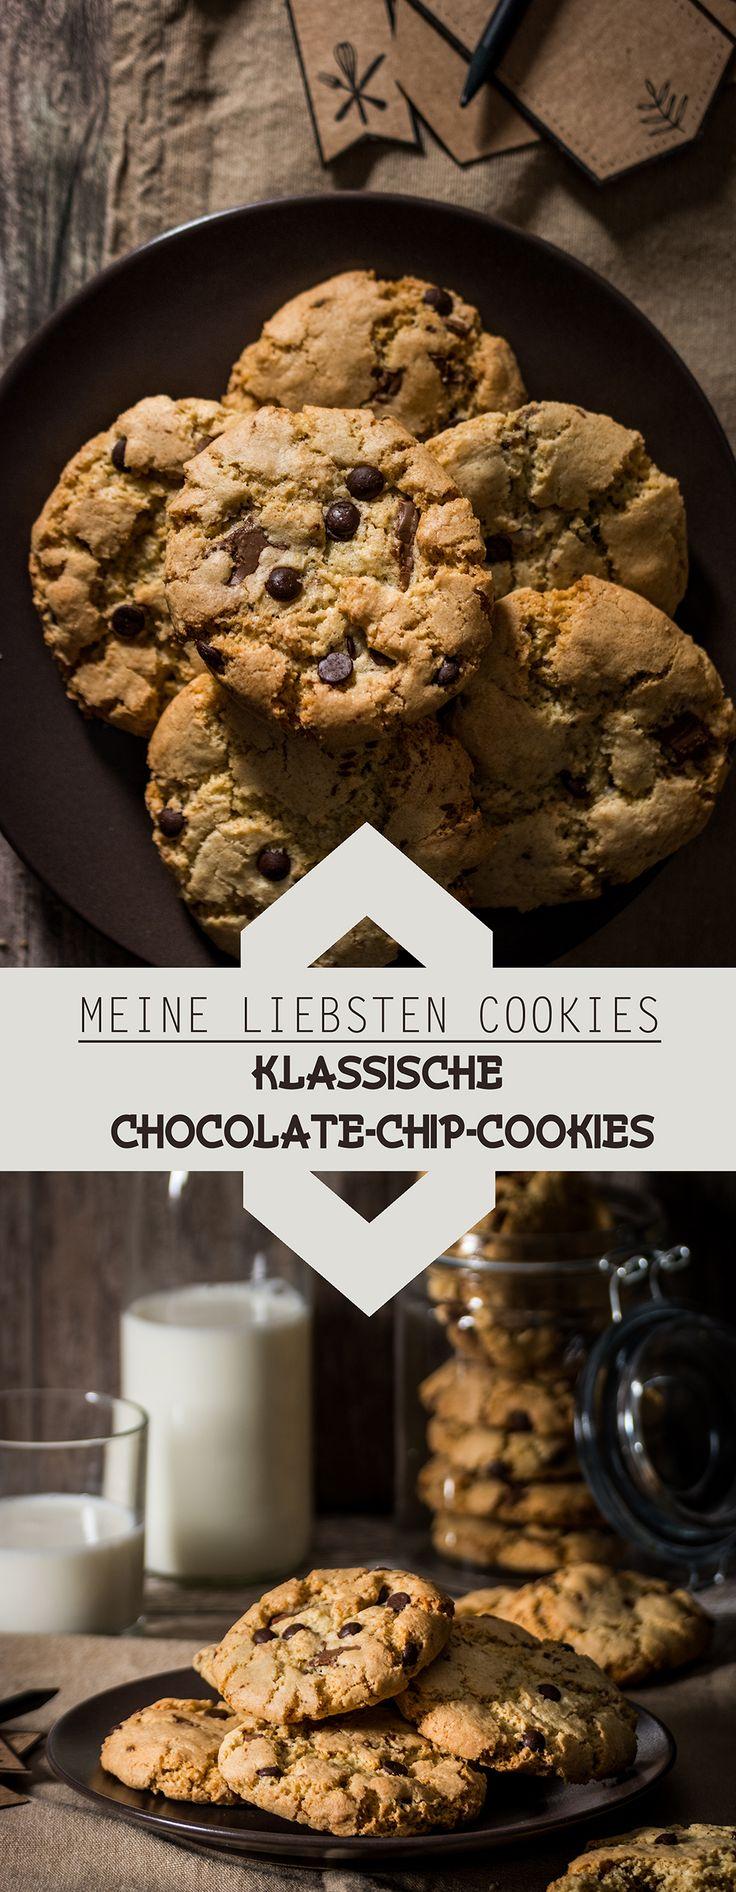 Klassische Chocolate-Chip-Cookies /// Classical Chocolate Chip Cookies